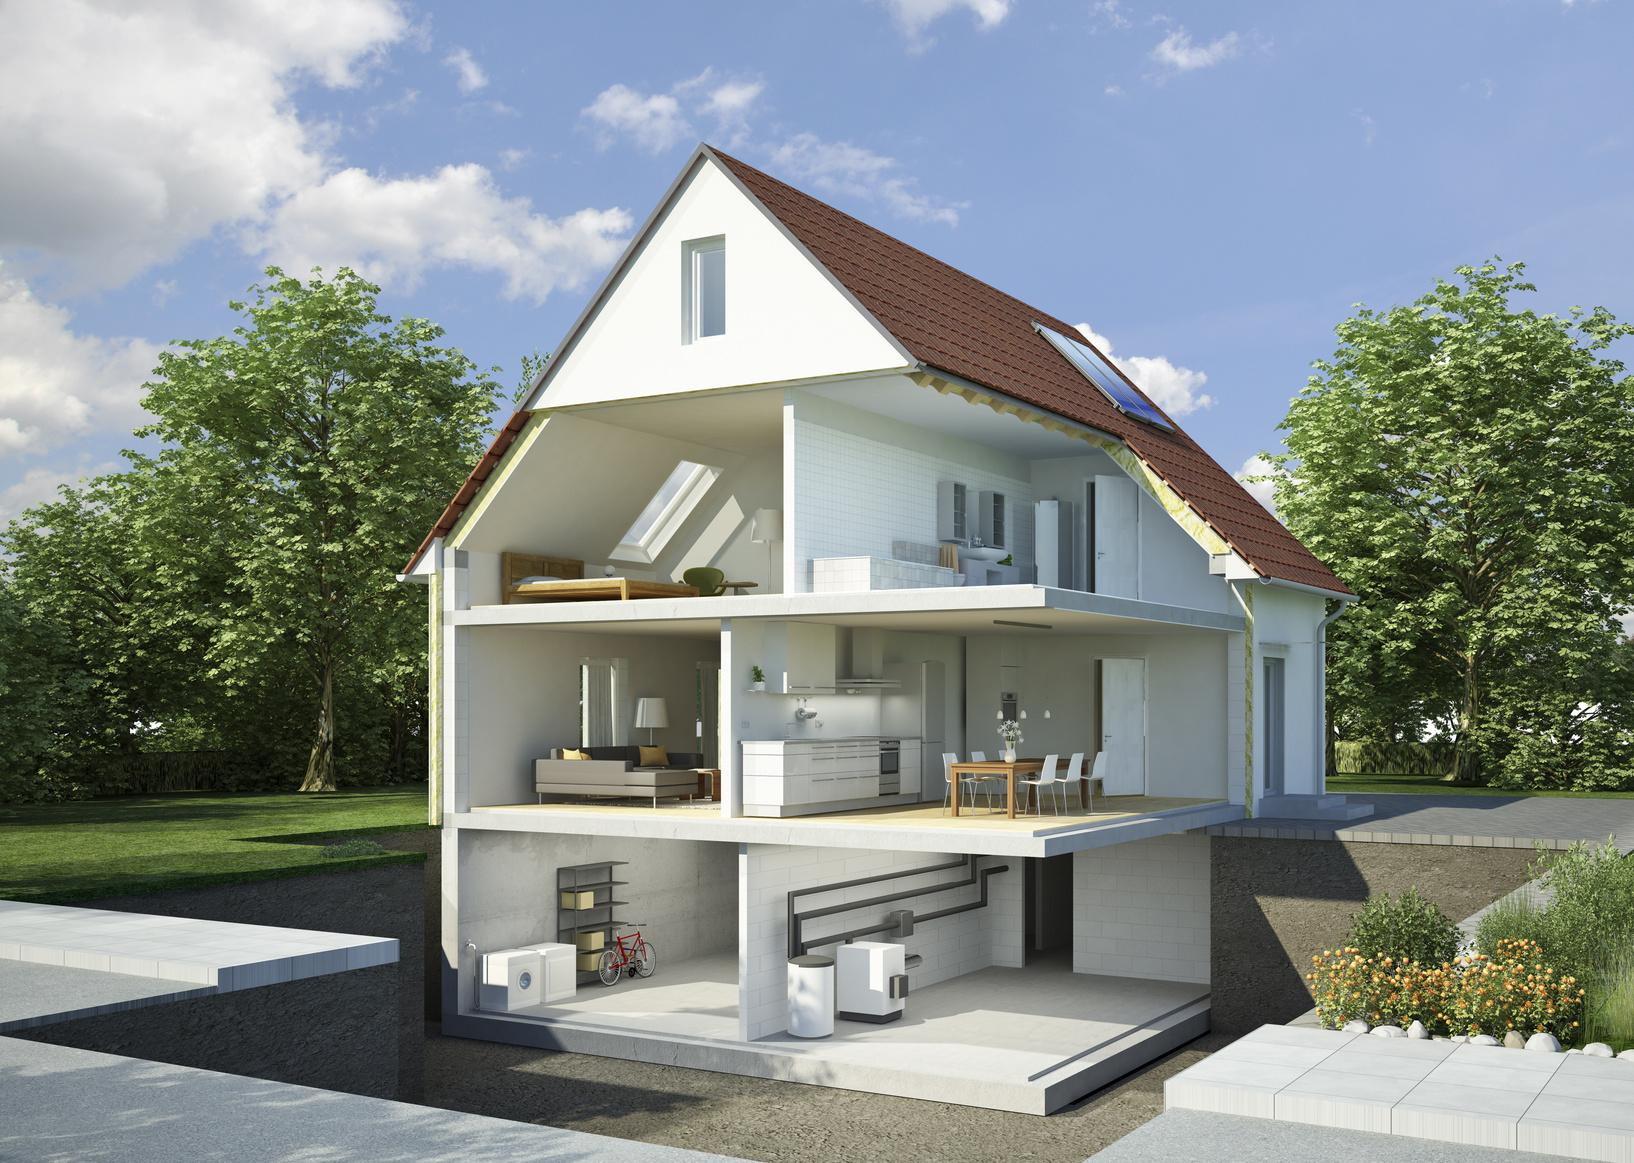 Benötigt ein Neubau einen Keller? | Infoportal zum Thema Haus